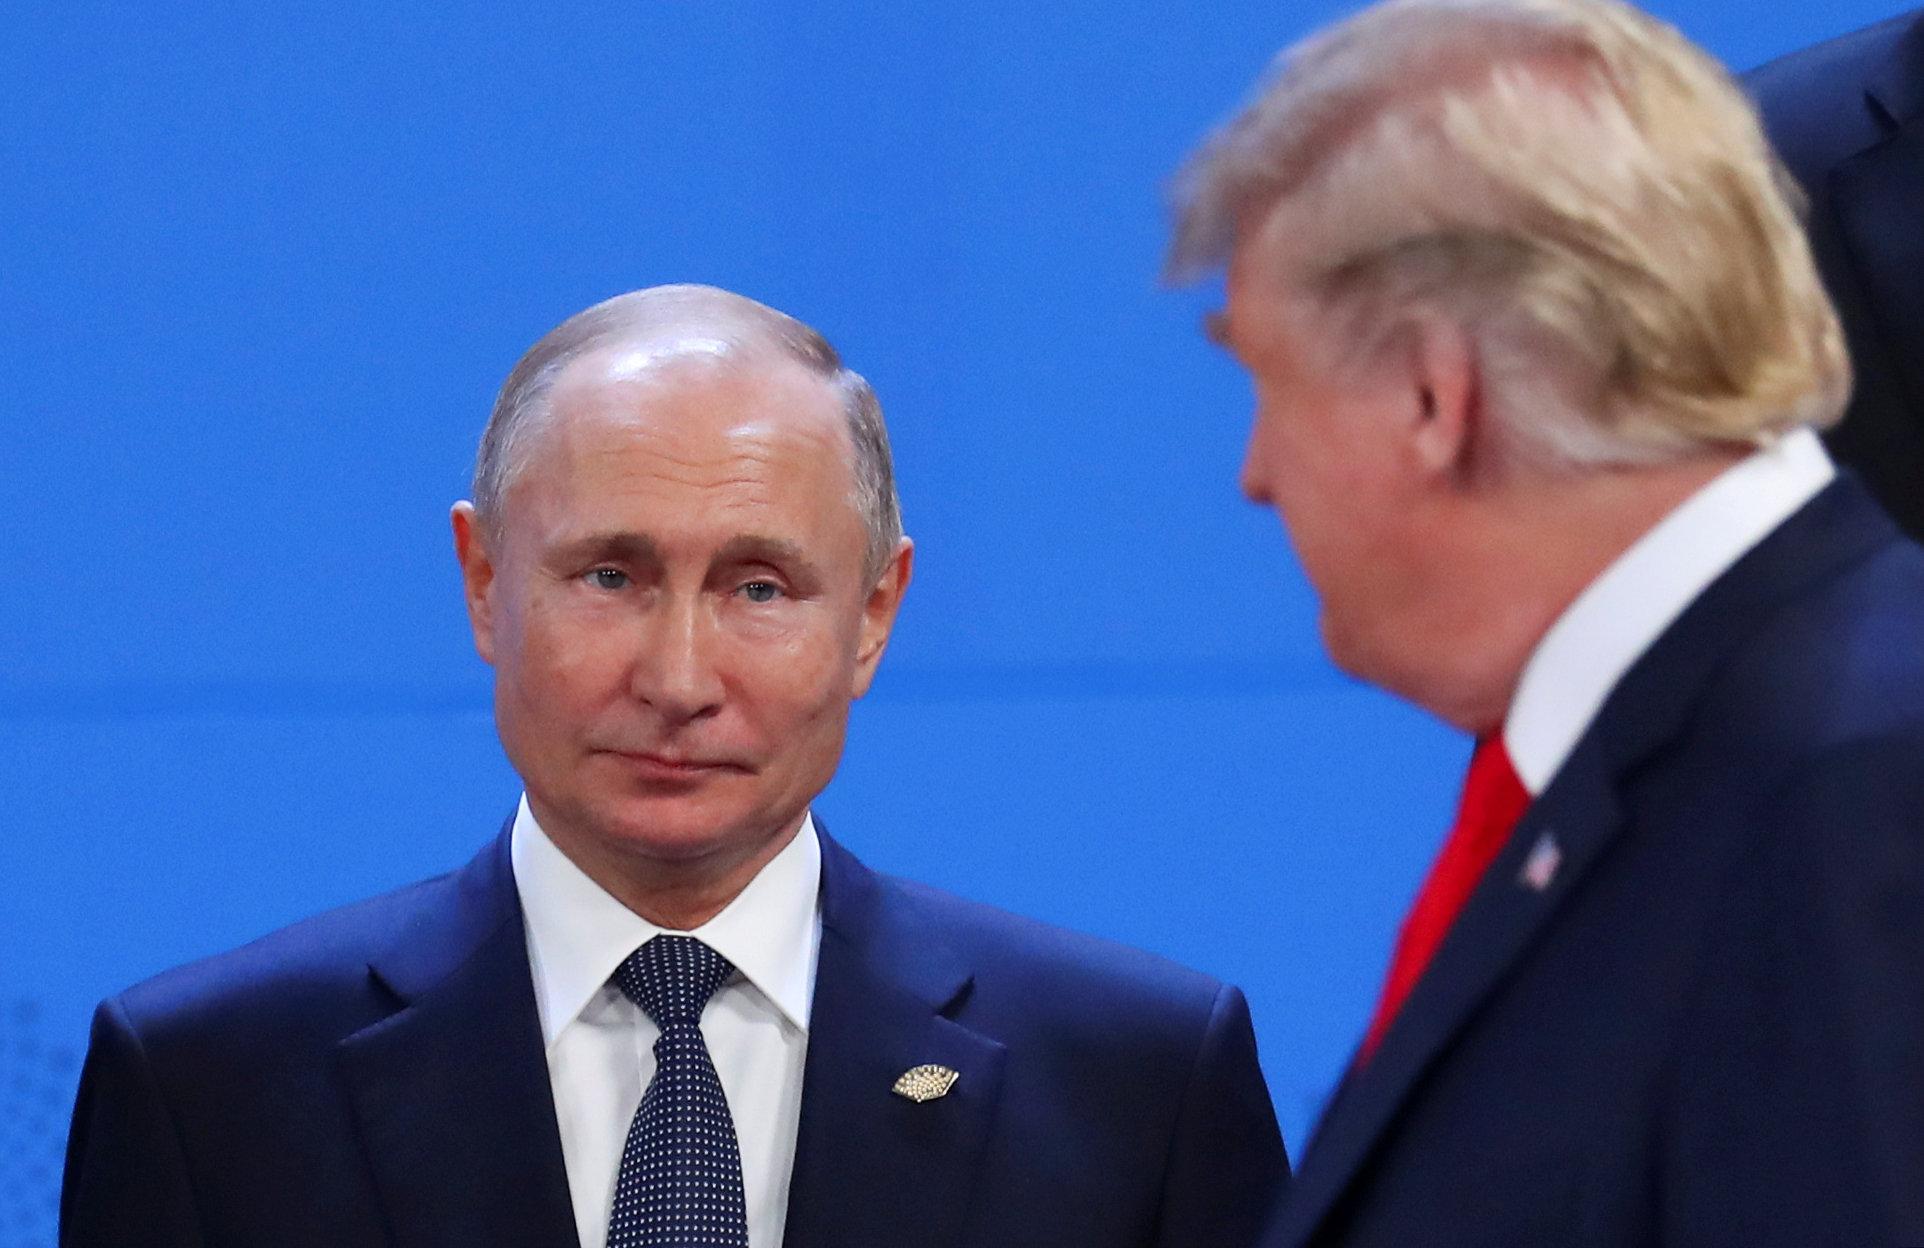 بوتين ينتقد فيلماً أميركياً يتحدث عن انقلاب في الكرملين